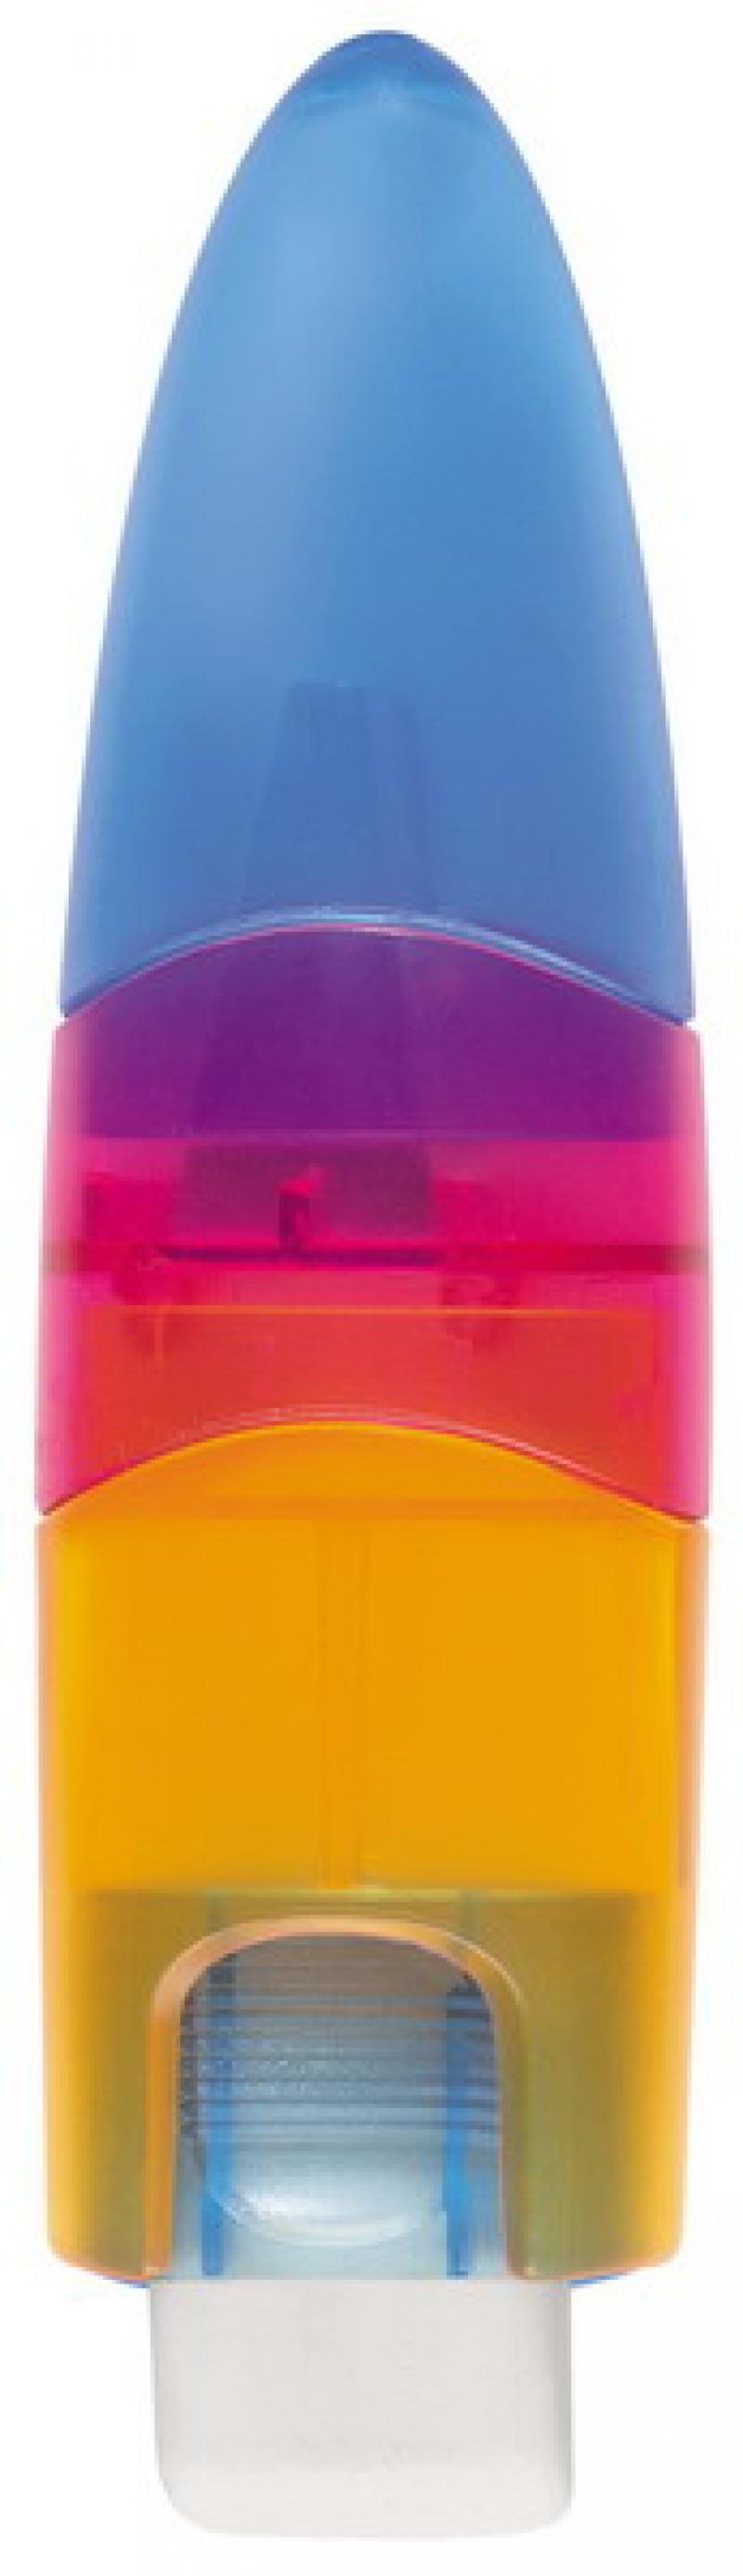 Точилка пластмассовая ELLIPSTICK SWING, с ластиком, эргономичный дизайн 0945-0000 точилка пластмассовая клиновидная форма 104 01 999